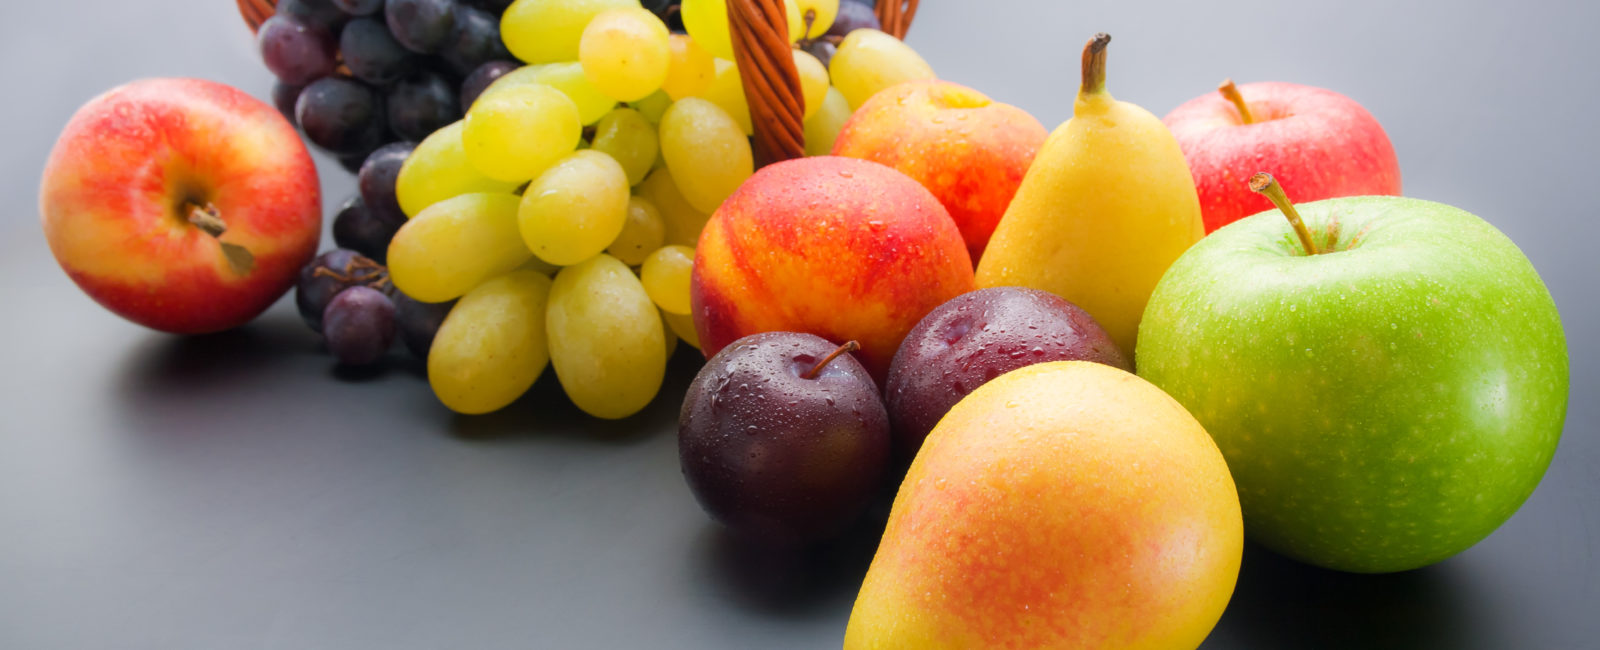 Fructoseintoleranz, Äpfel, Birne, Weintrauben